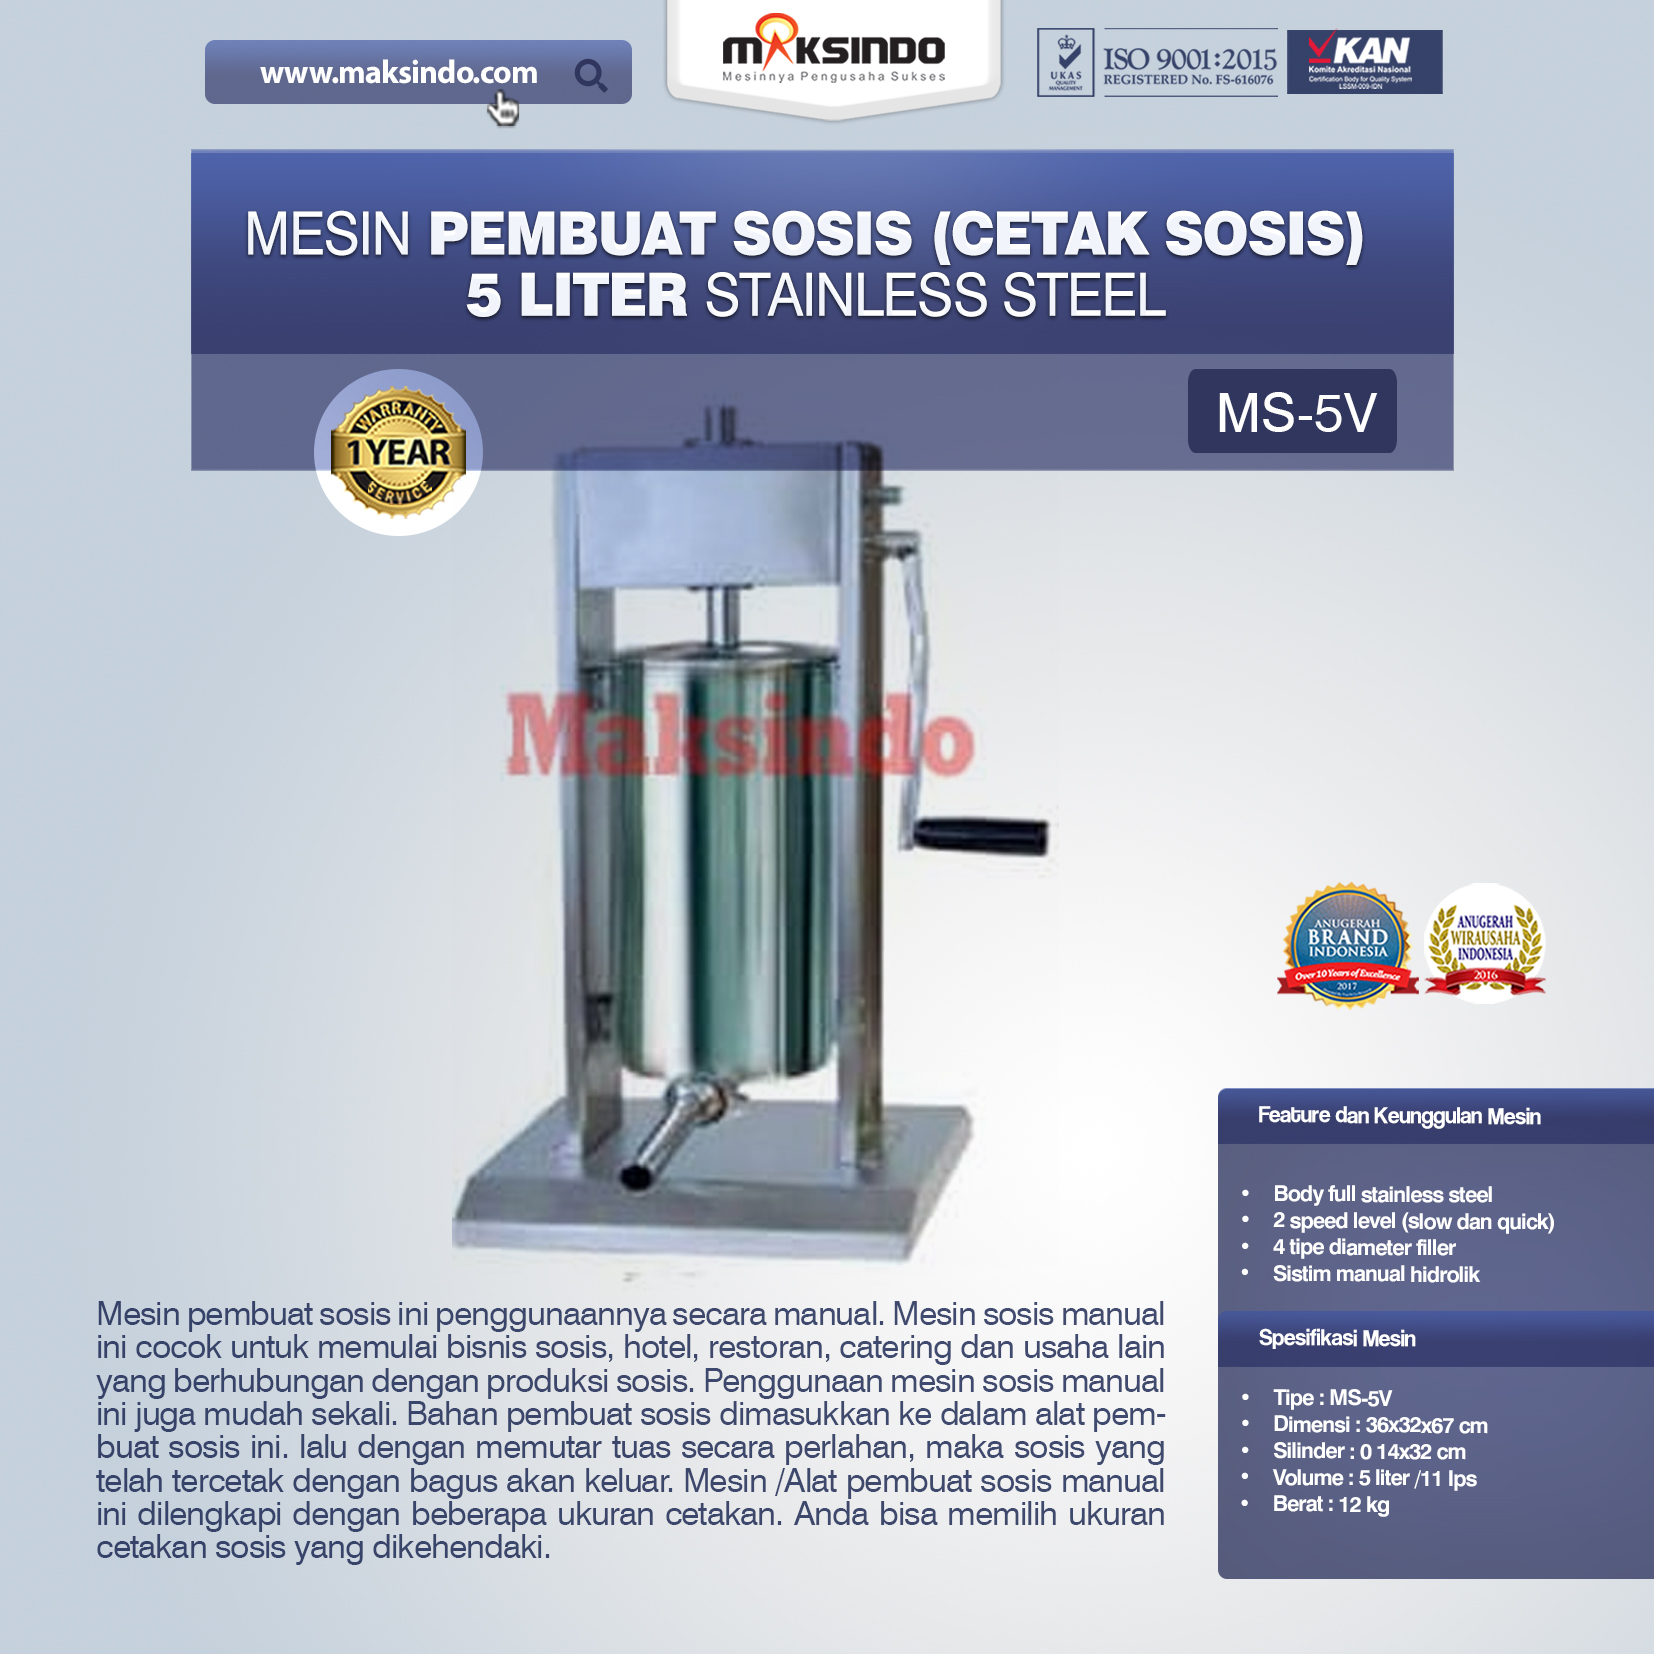 Jual Mesin Pembuat Sosis (Cetak Sosis) Stainless Steel di Pekanbaru